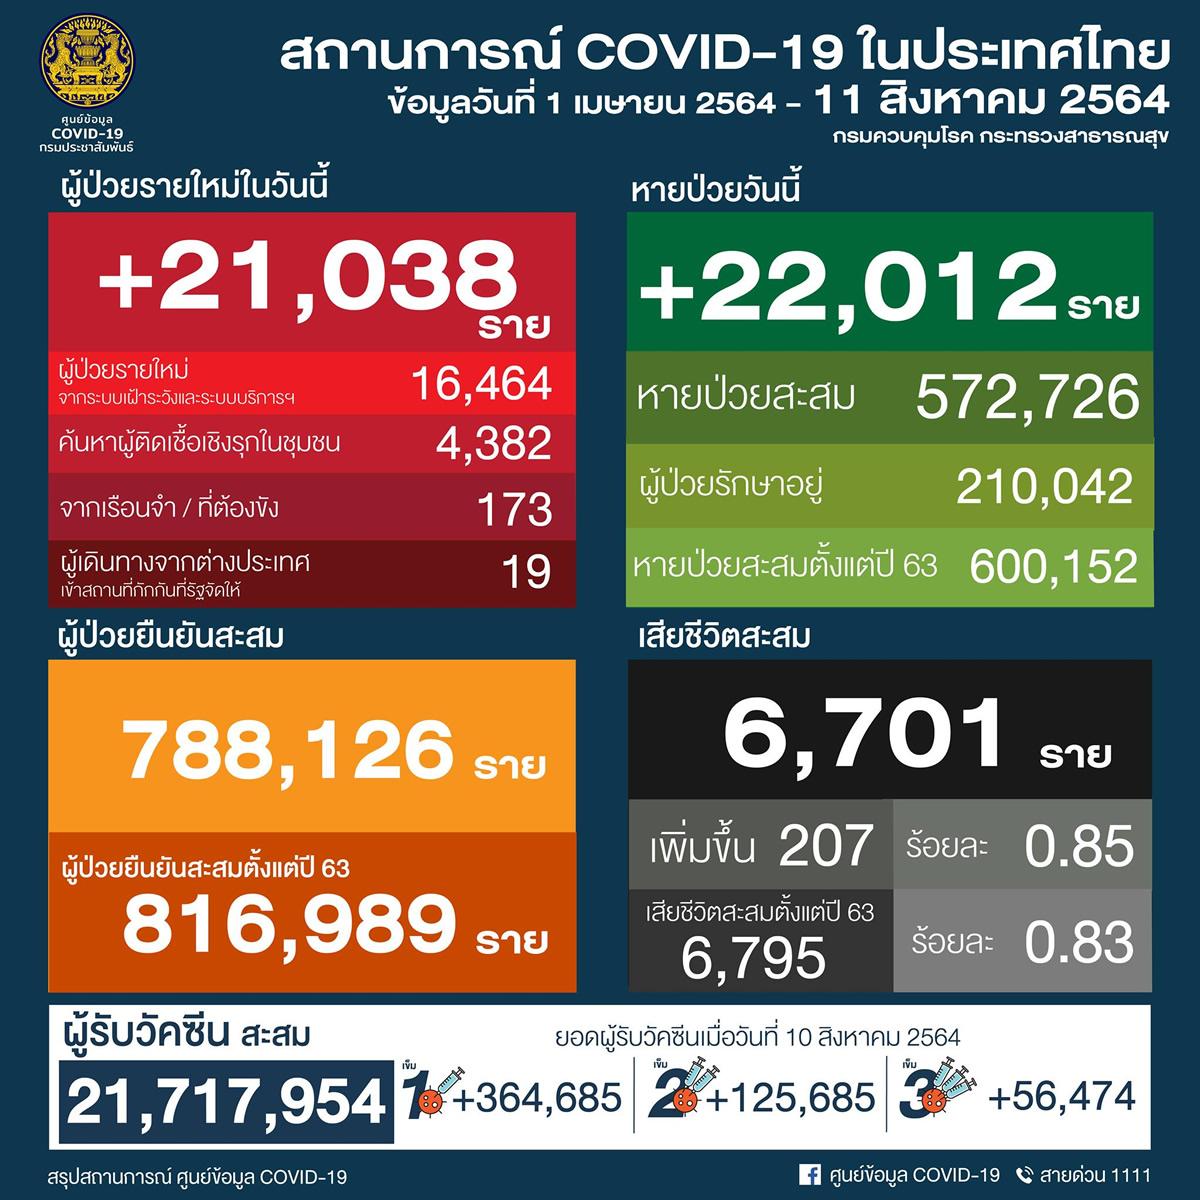 タイ 21,038人陽性 207人死亡/バンコク 4,525人陽性 60人死亡[2021年8月11日発表]